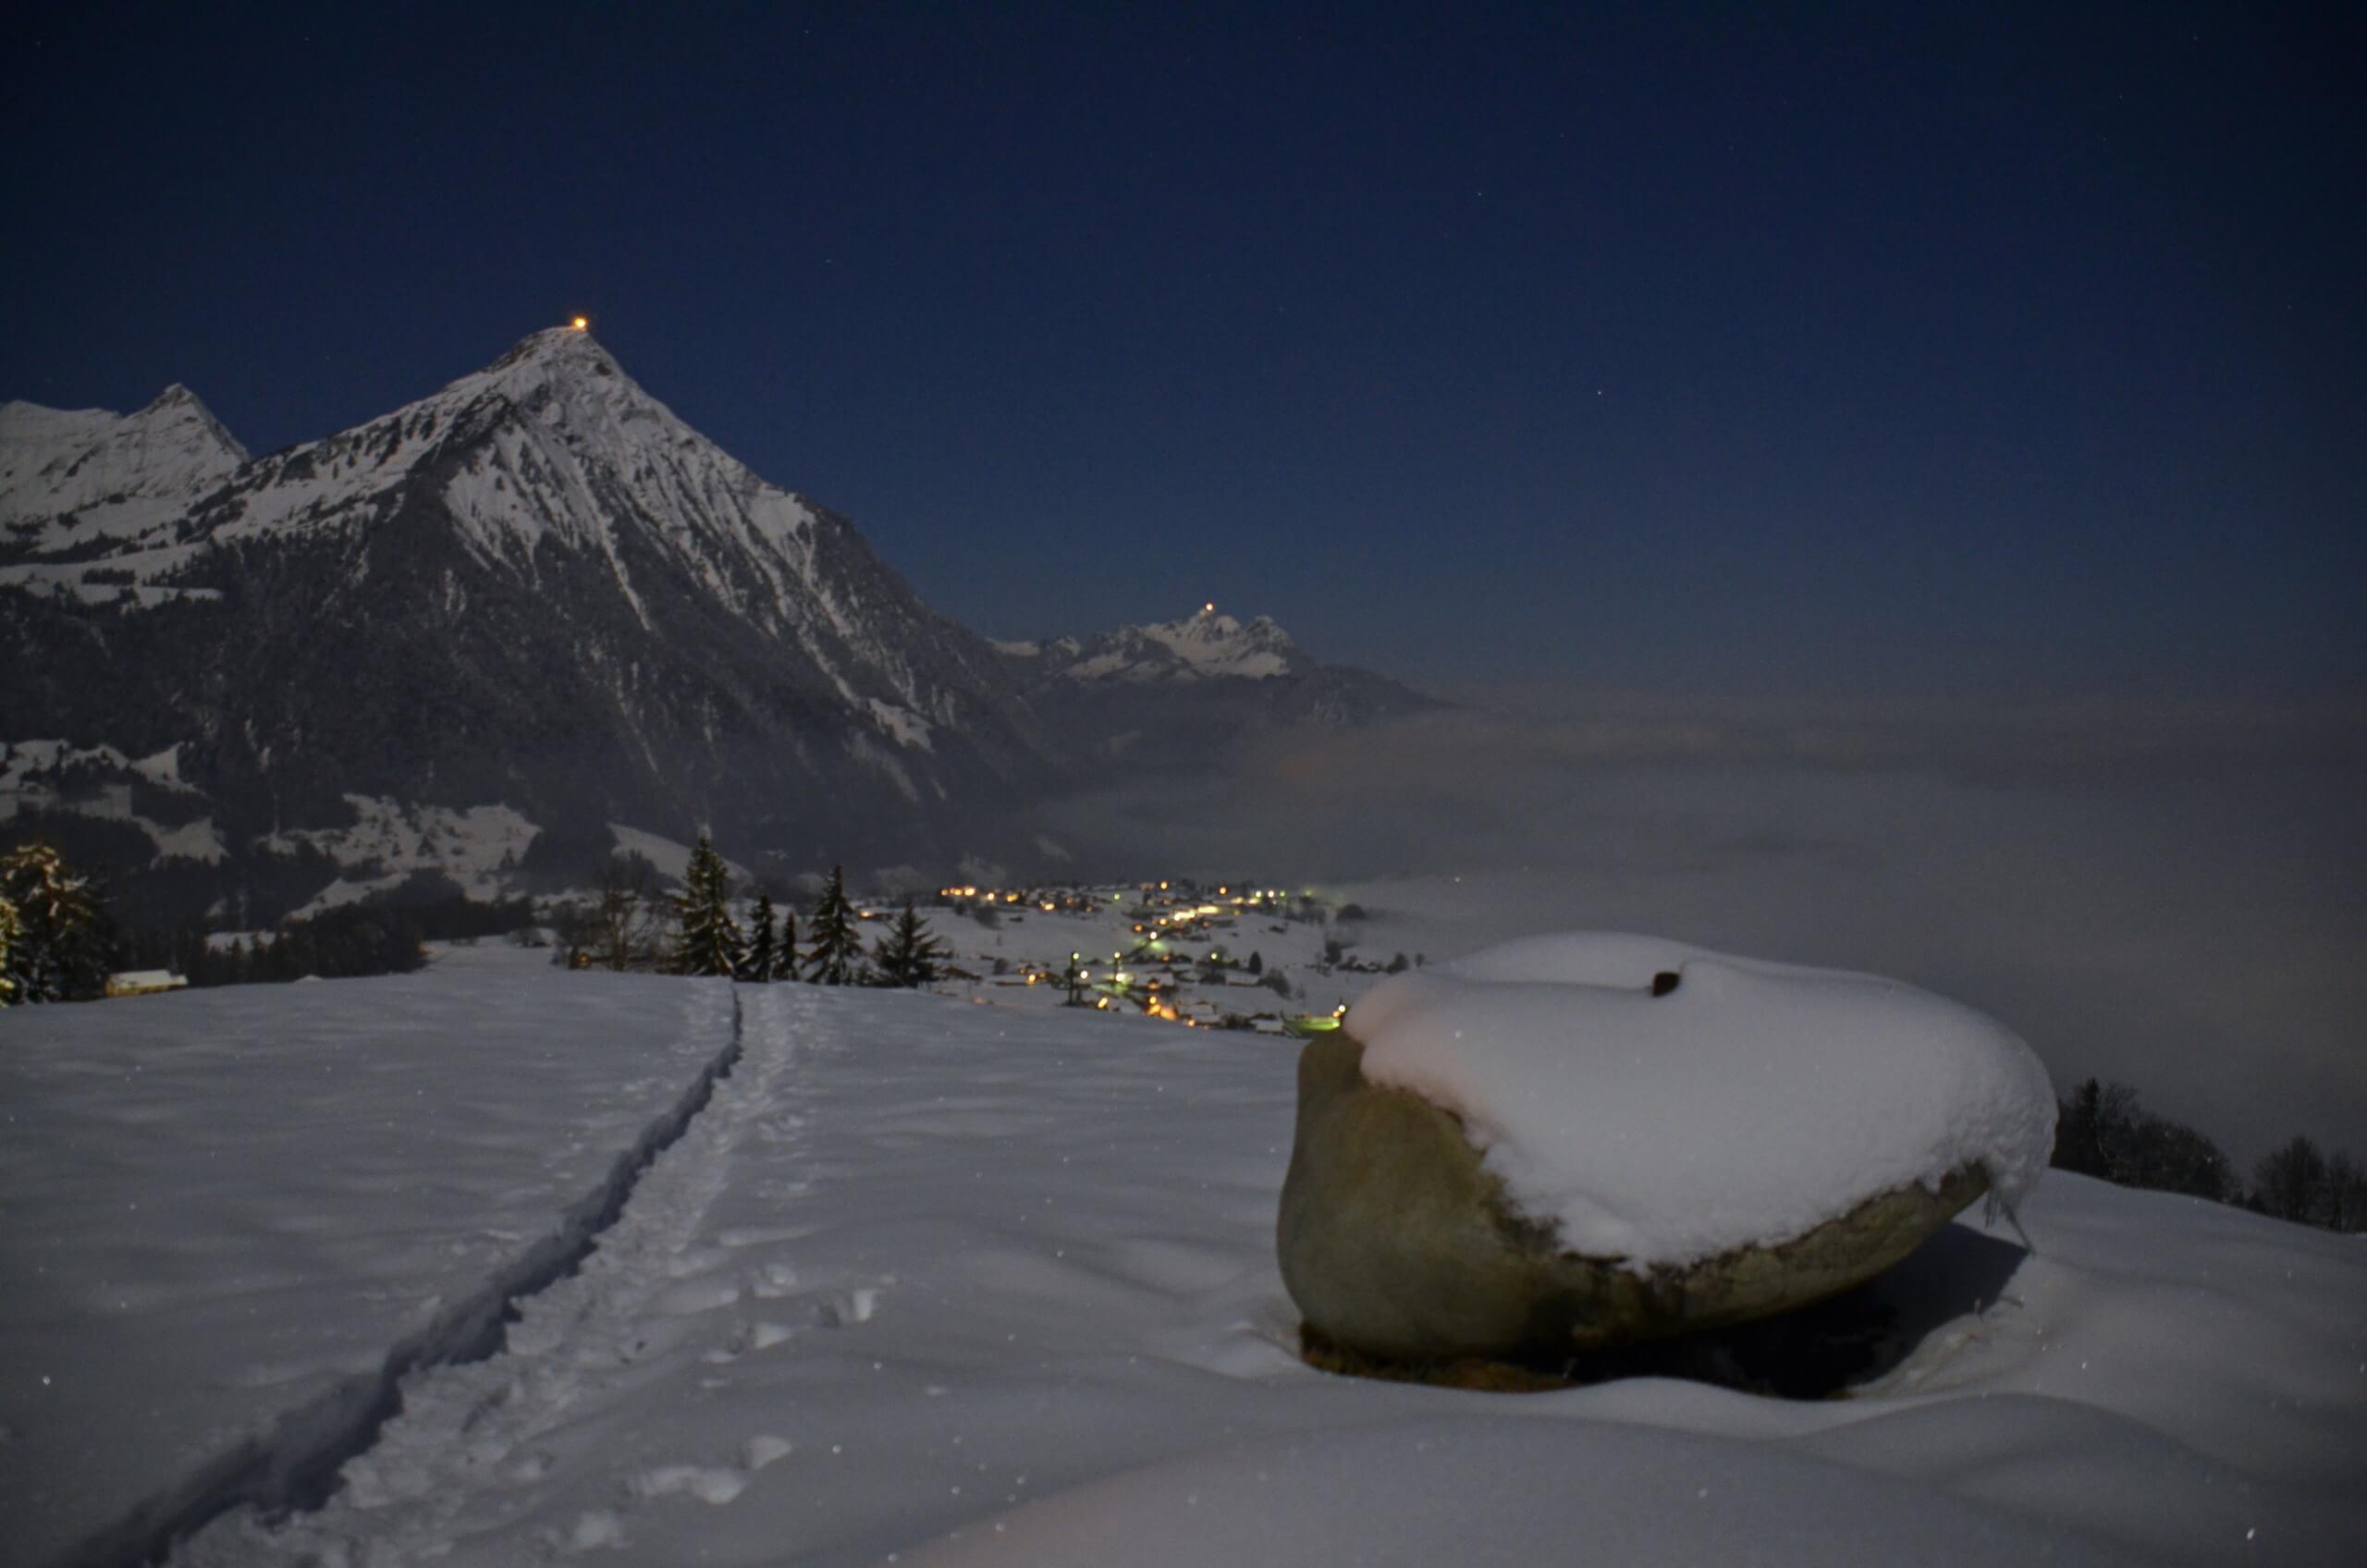 aeschi-schneeschuh-vollmond-tour-winter